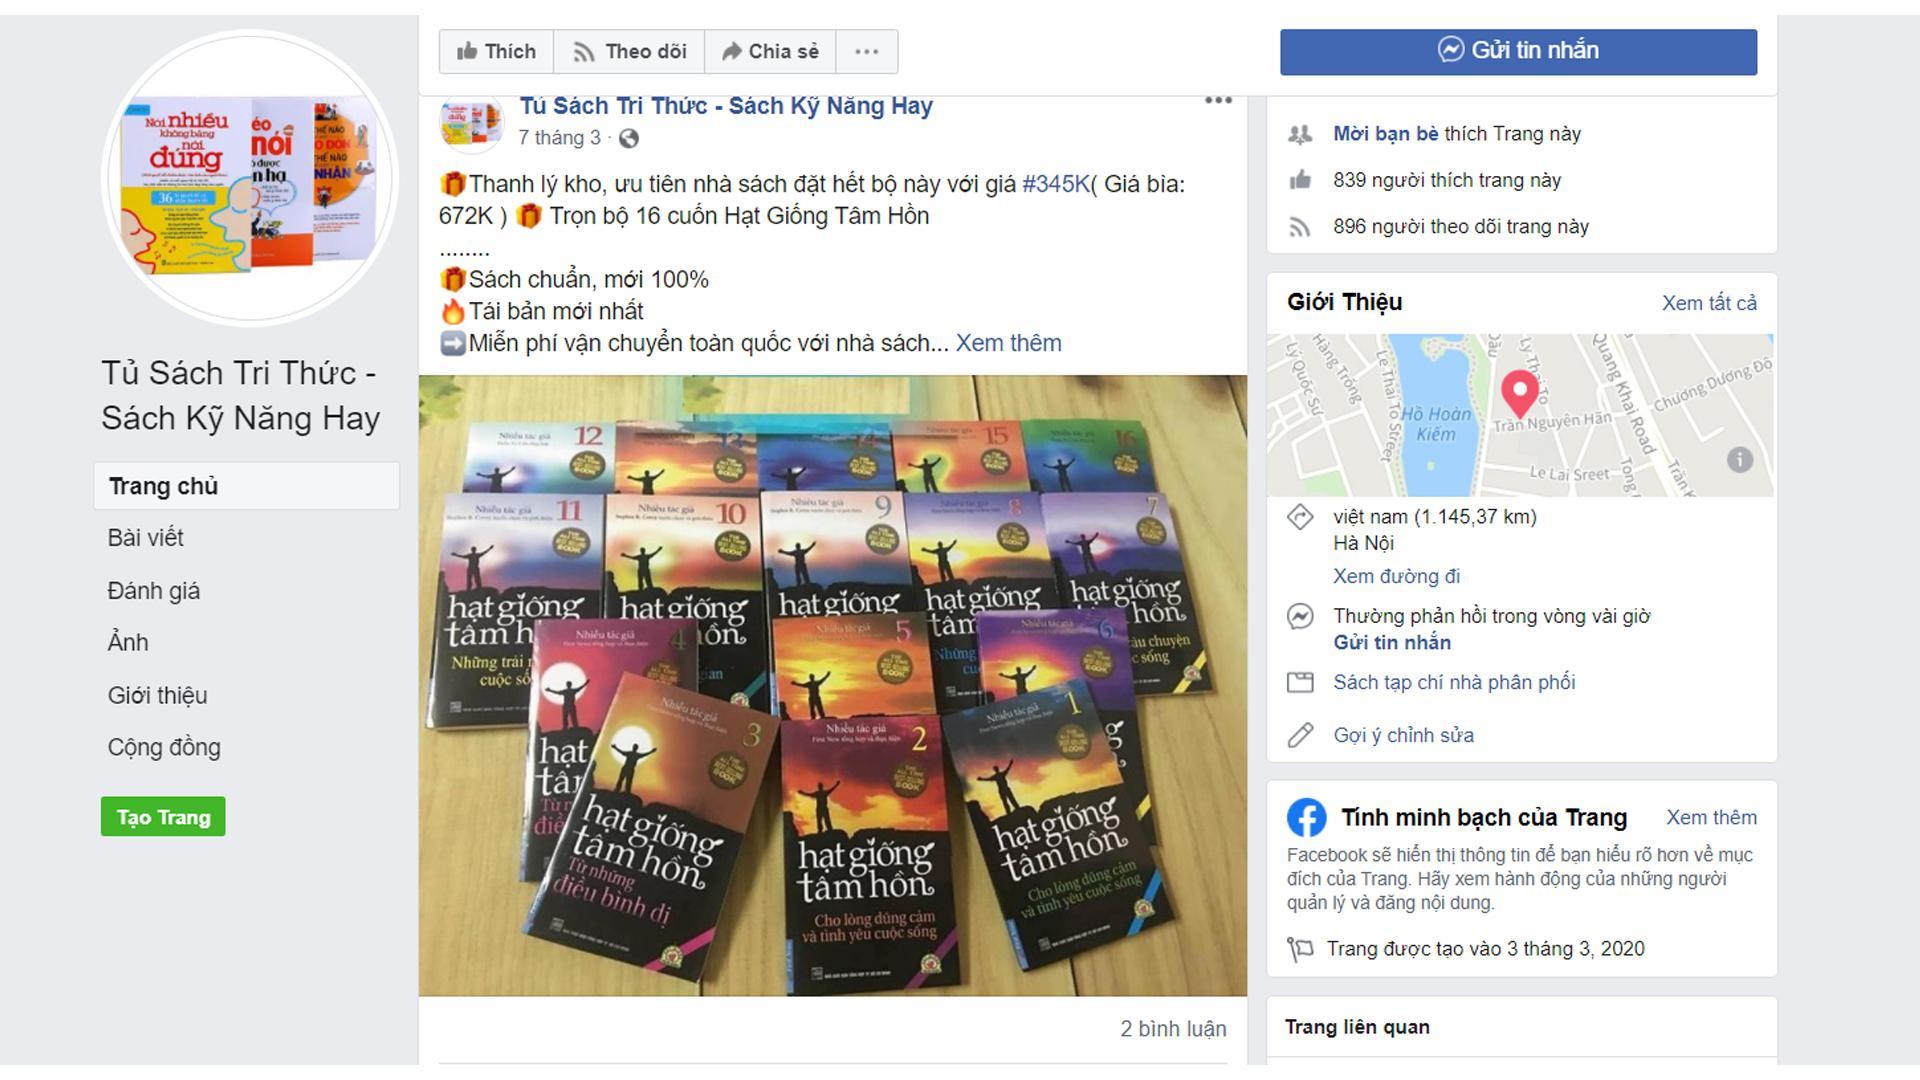 Bất chấp bị kiện, Lazada vẫn ngang nhiên bán sách giả Ảnh 1